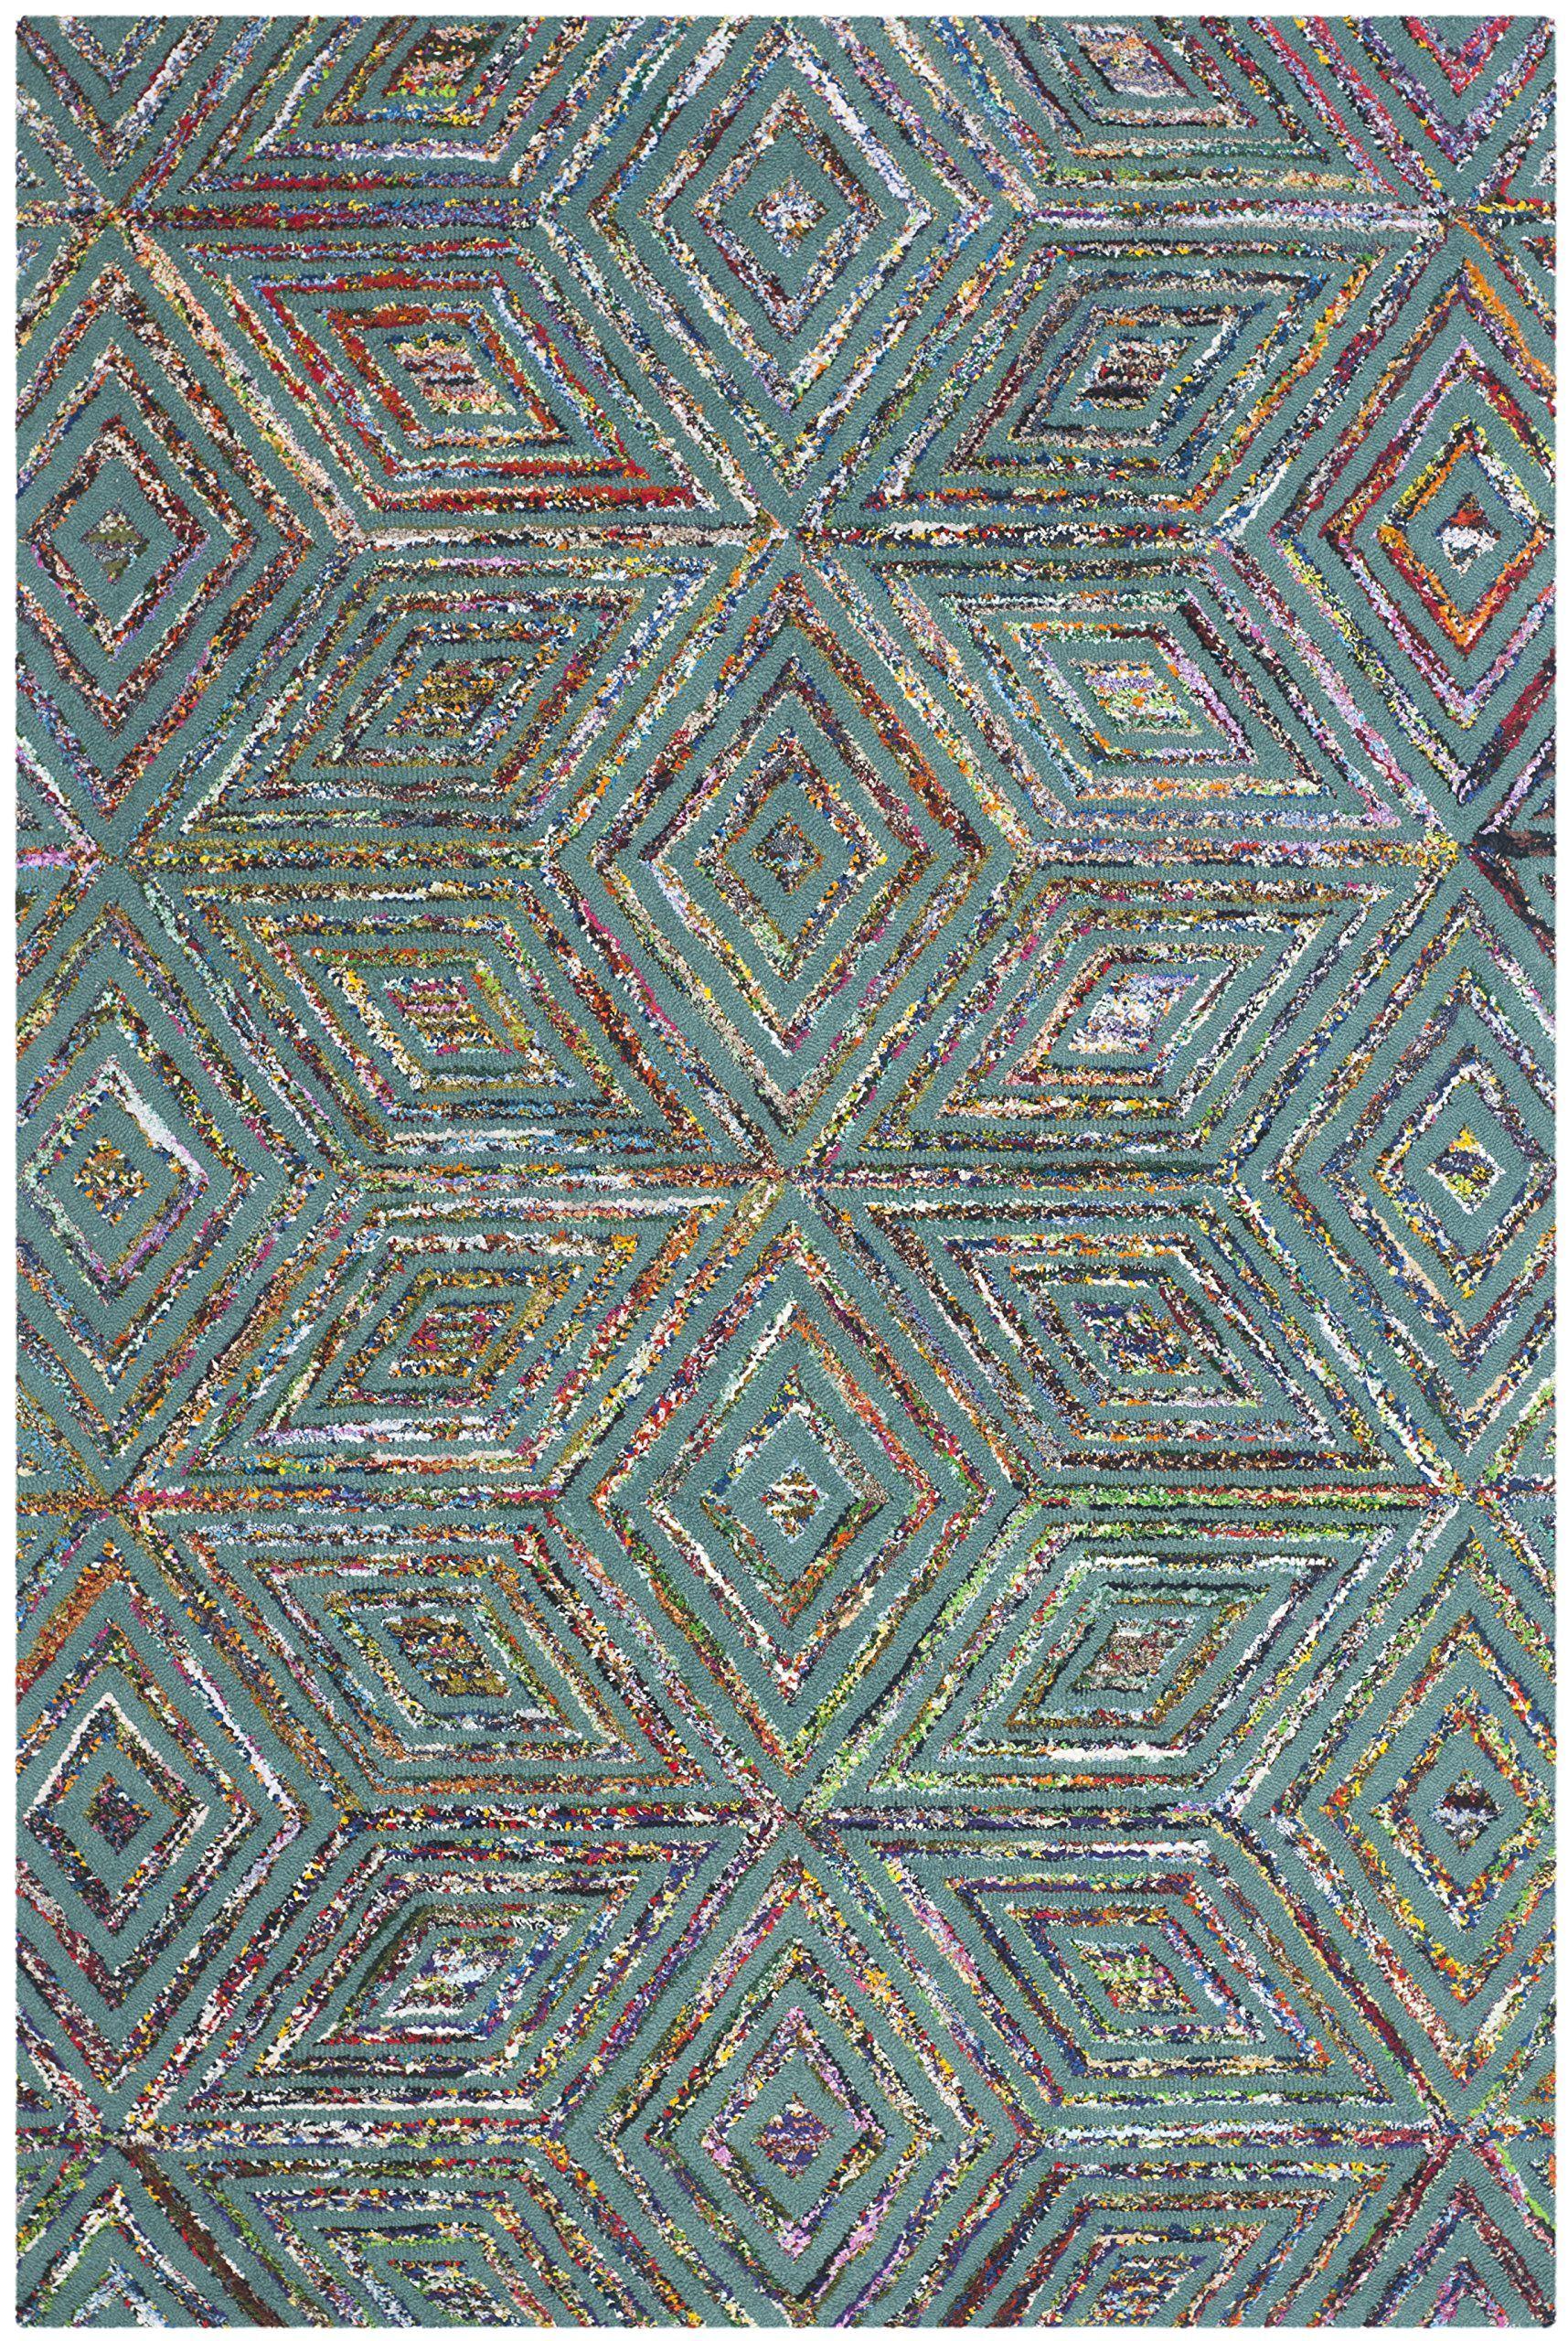 Amazon.com - Safavieh Nantucket Collection NAN607A Handmade Blue Cotton Area Rug, 8-Feet by 10-Feet -